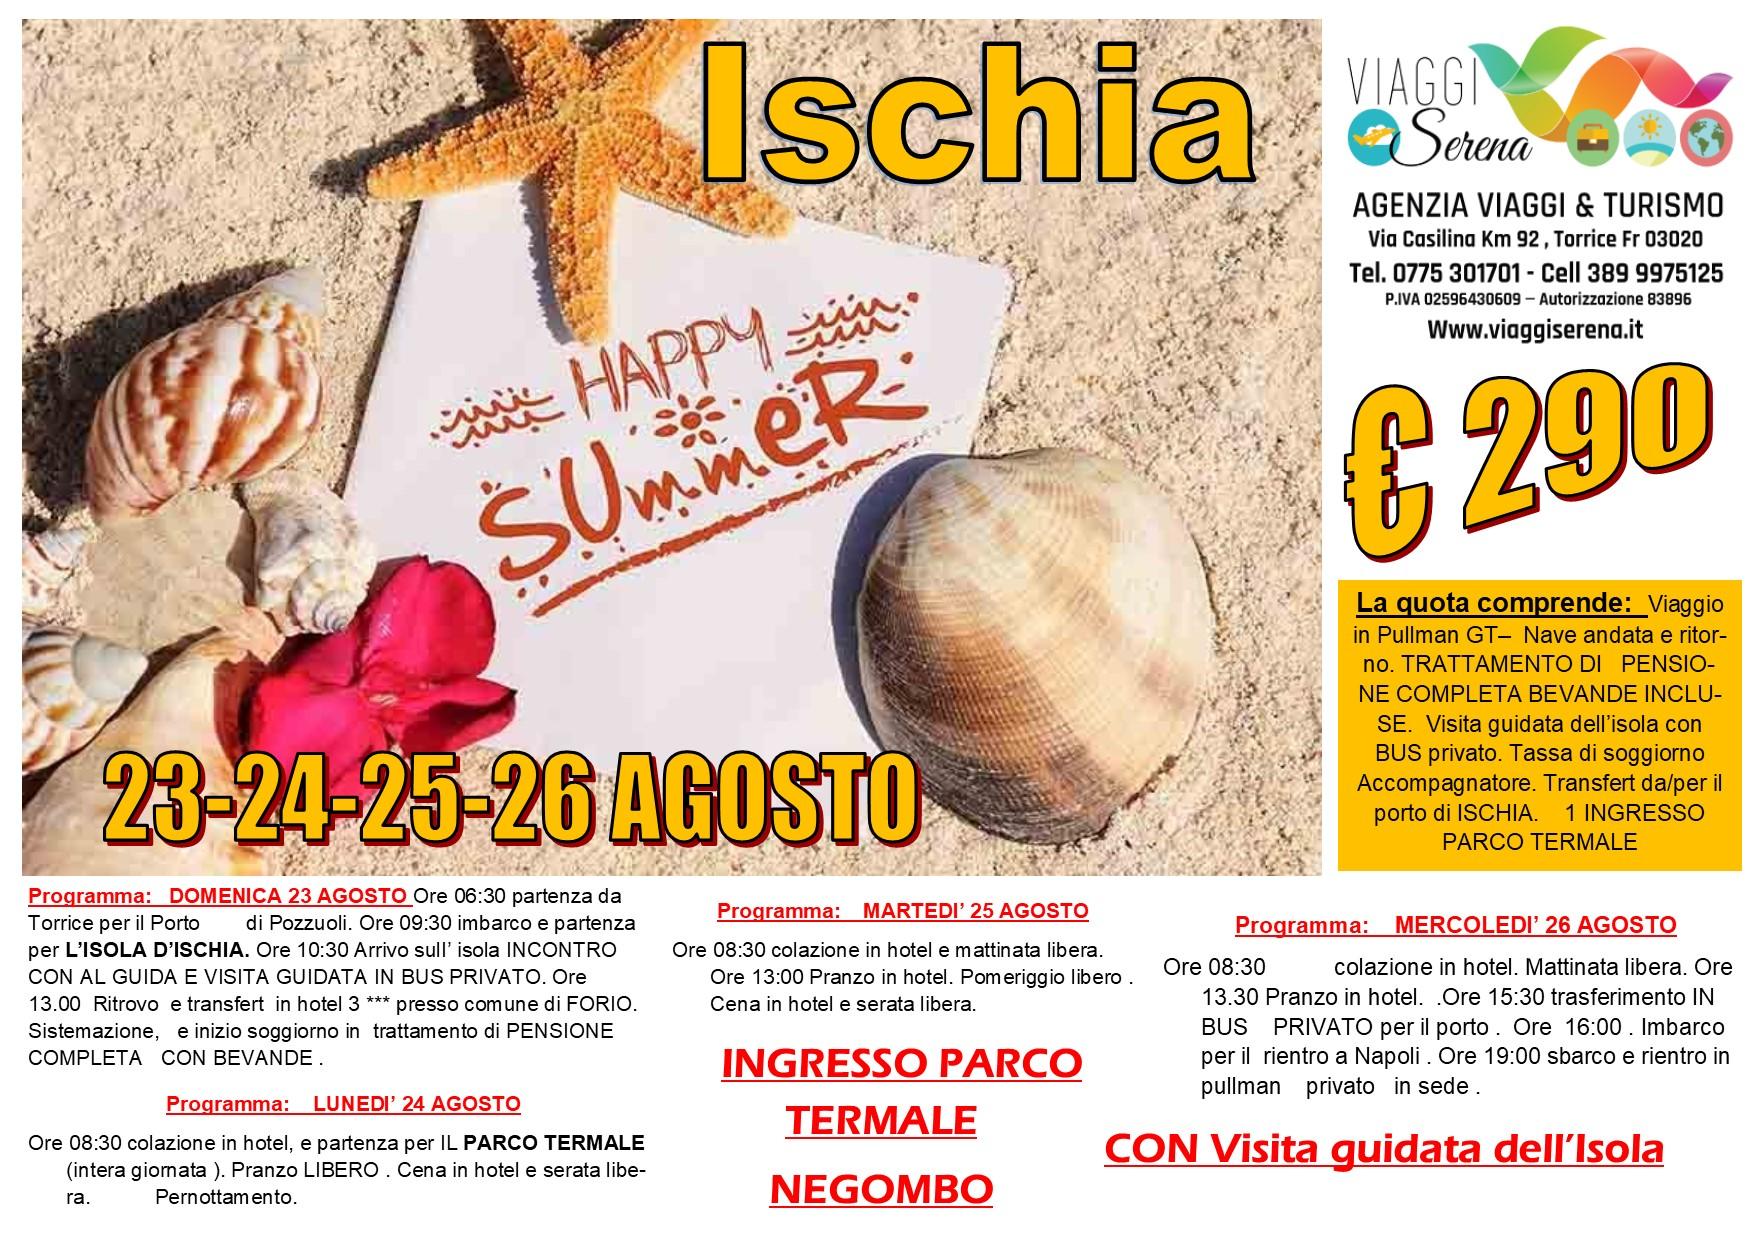 Viaggi di Gruppo: soggiorno Isola d'ISCHIA 23-24-25-26 Agosto €290,00